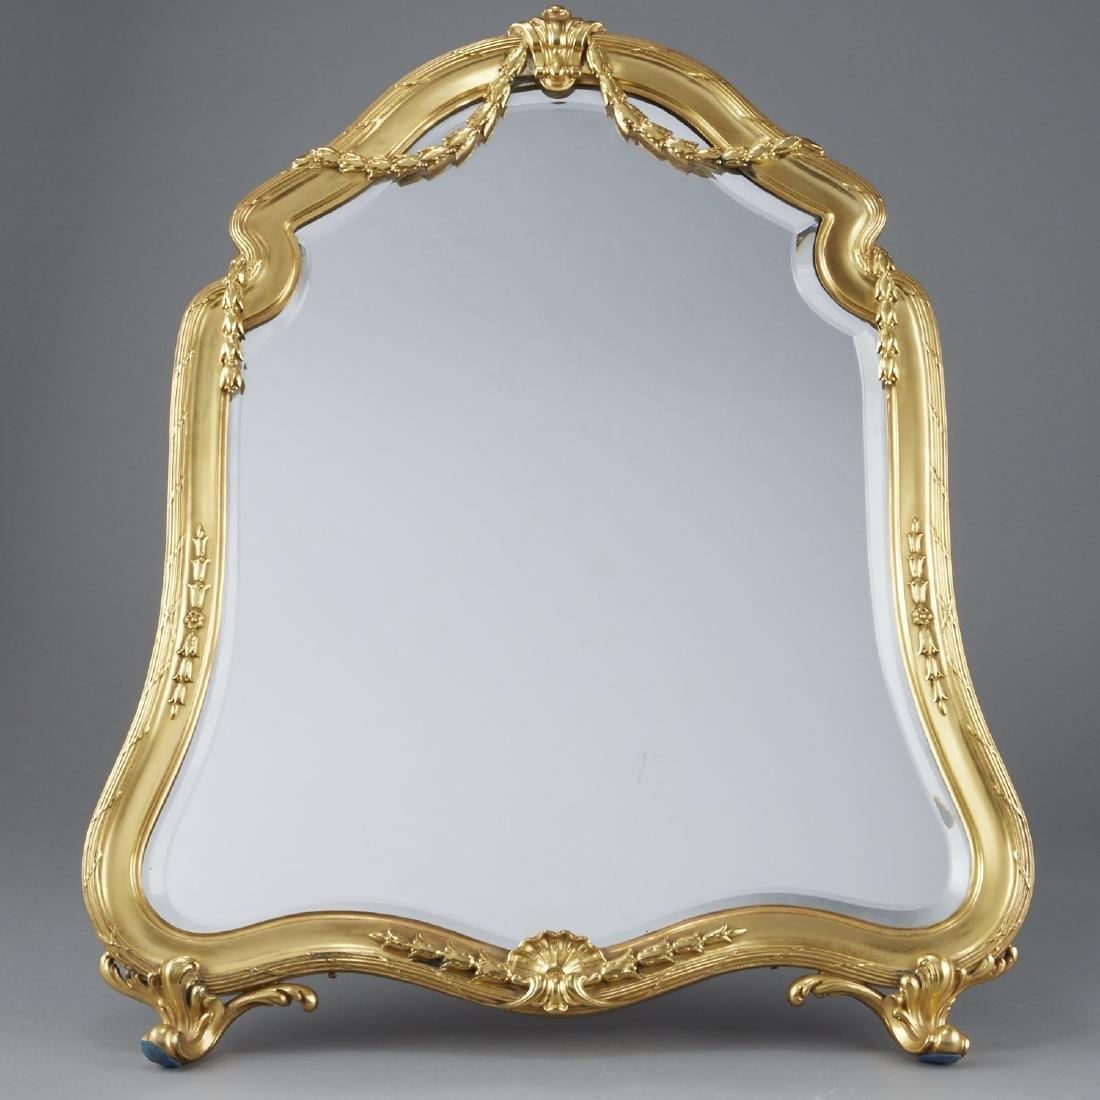 Aucoc of Paris Silver Gilt Table Mirror